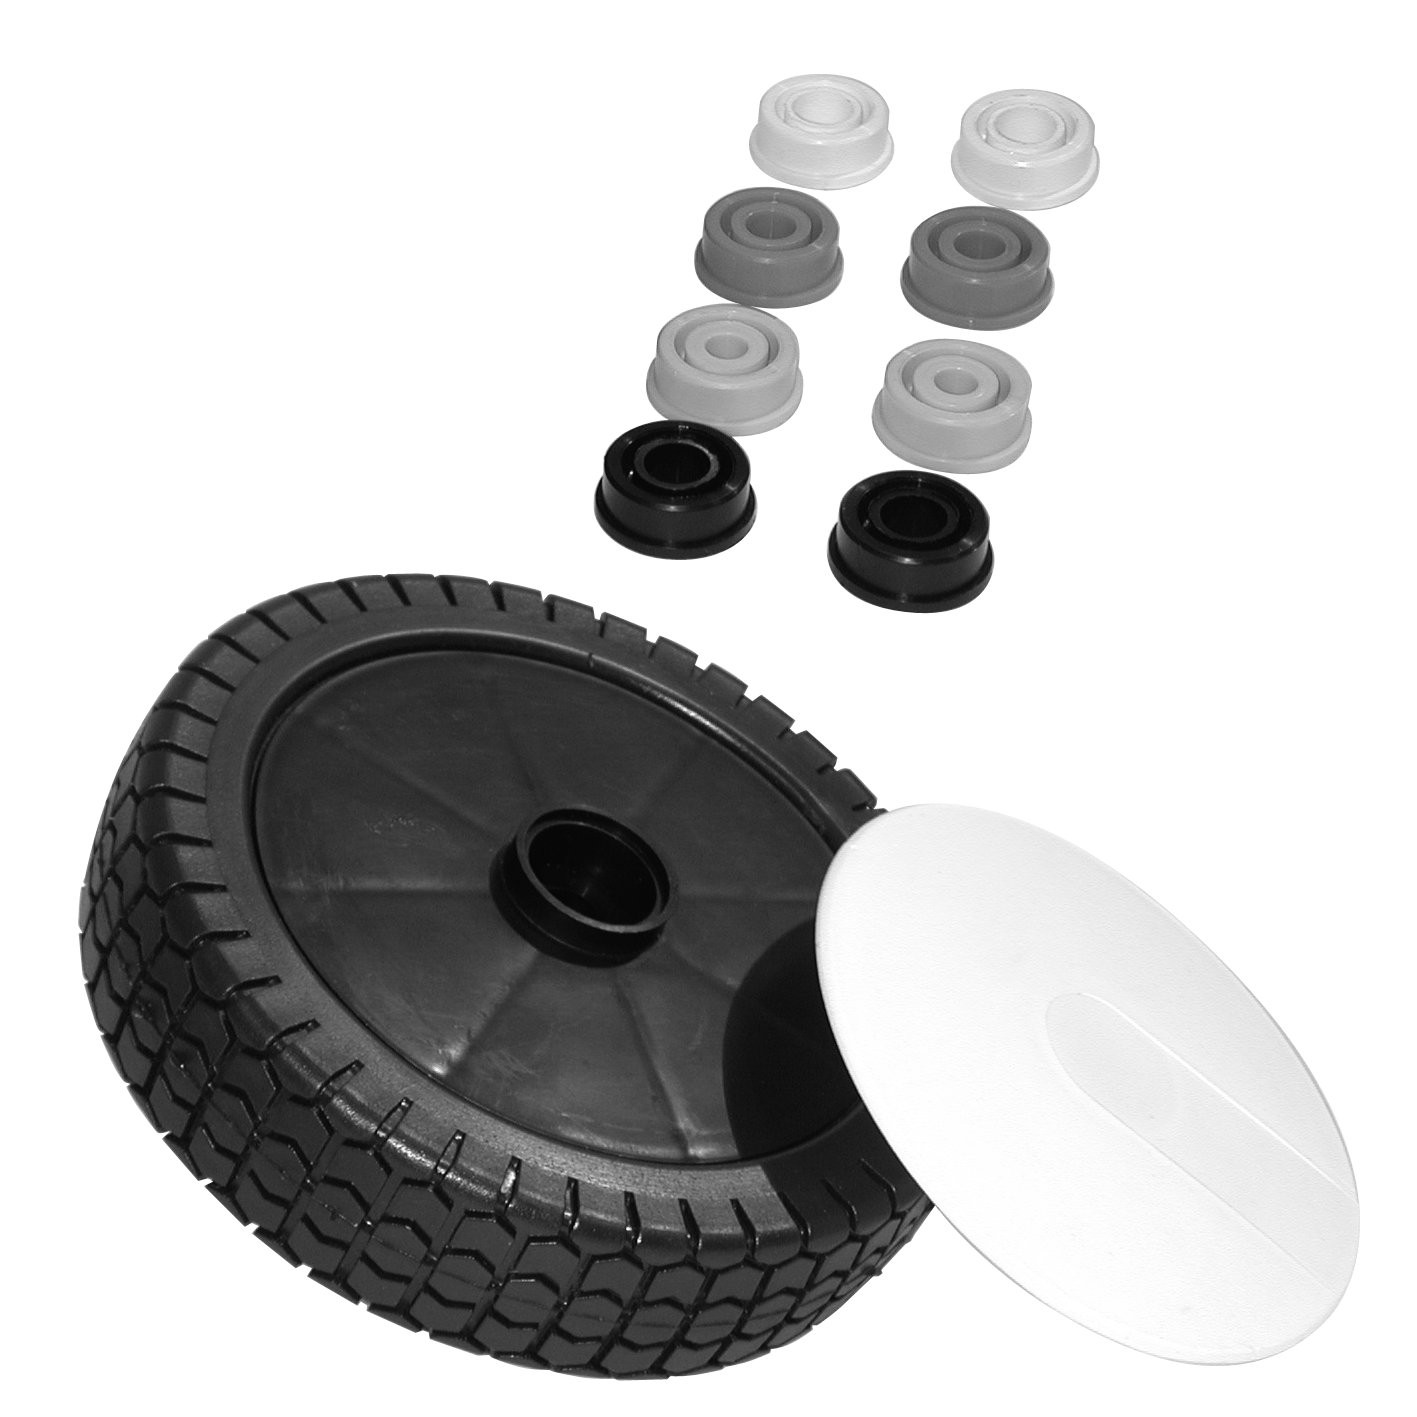 Univerzální plastové kolo pro sekačky, Turf 72-601